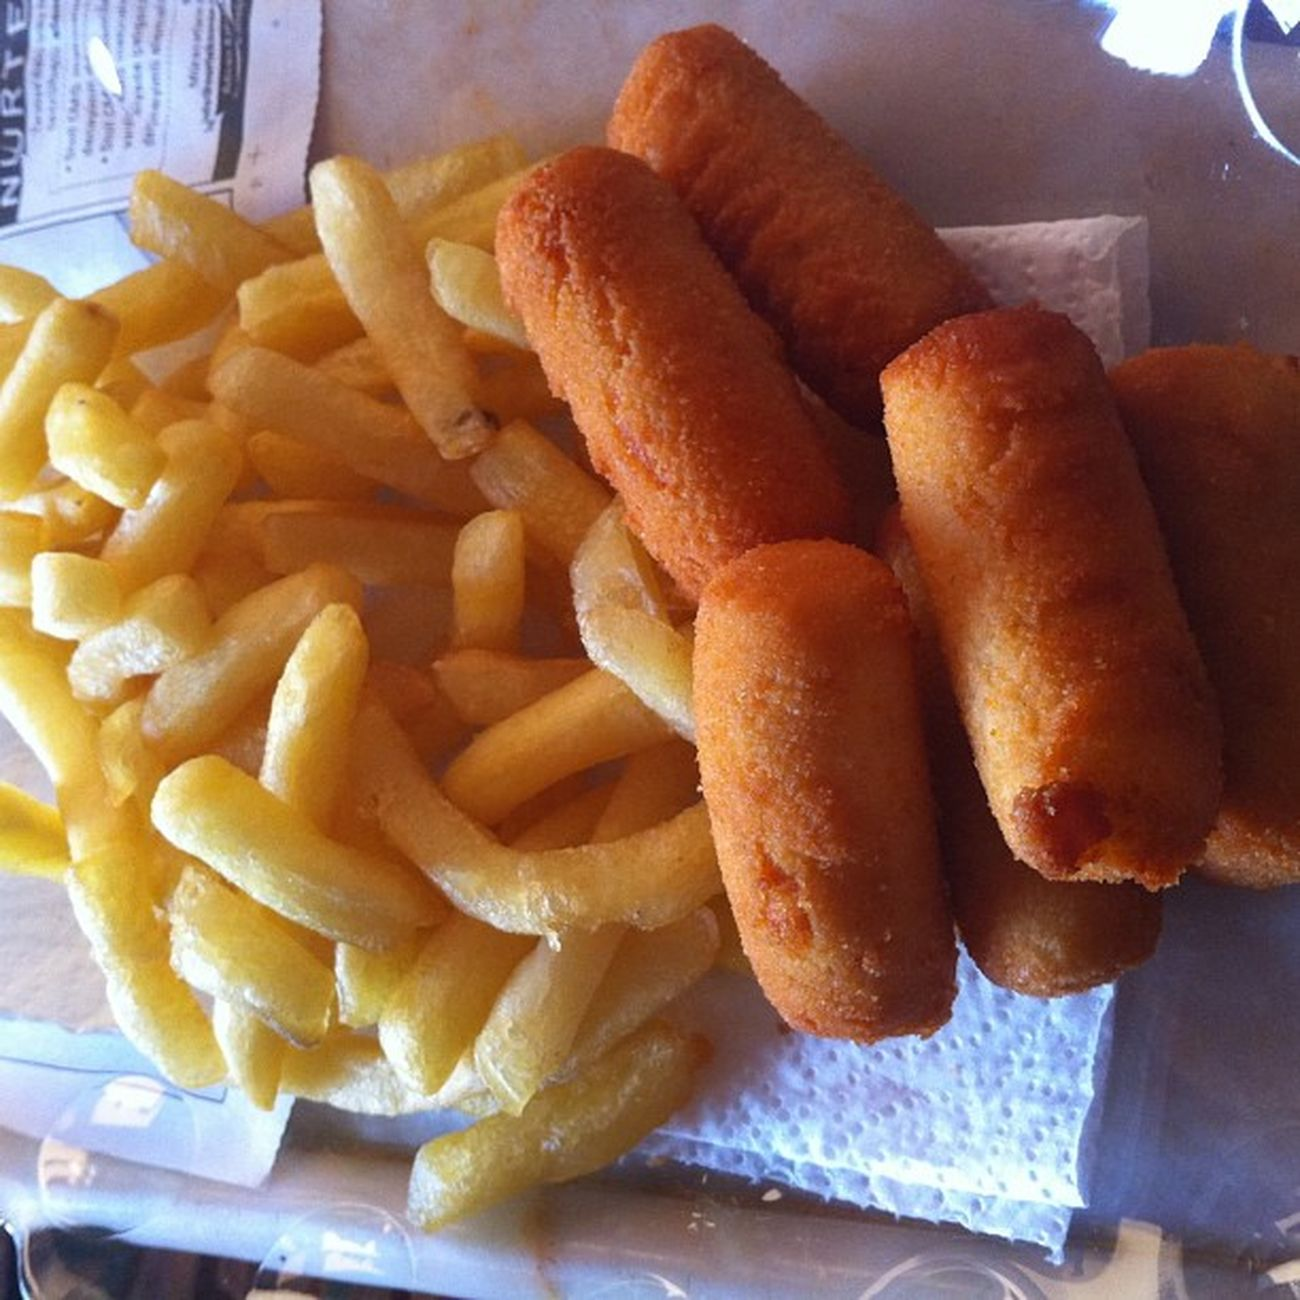 Patates Kizartma Yemek Food instafood yiyecek patato istanbul